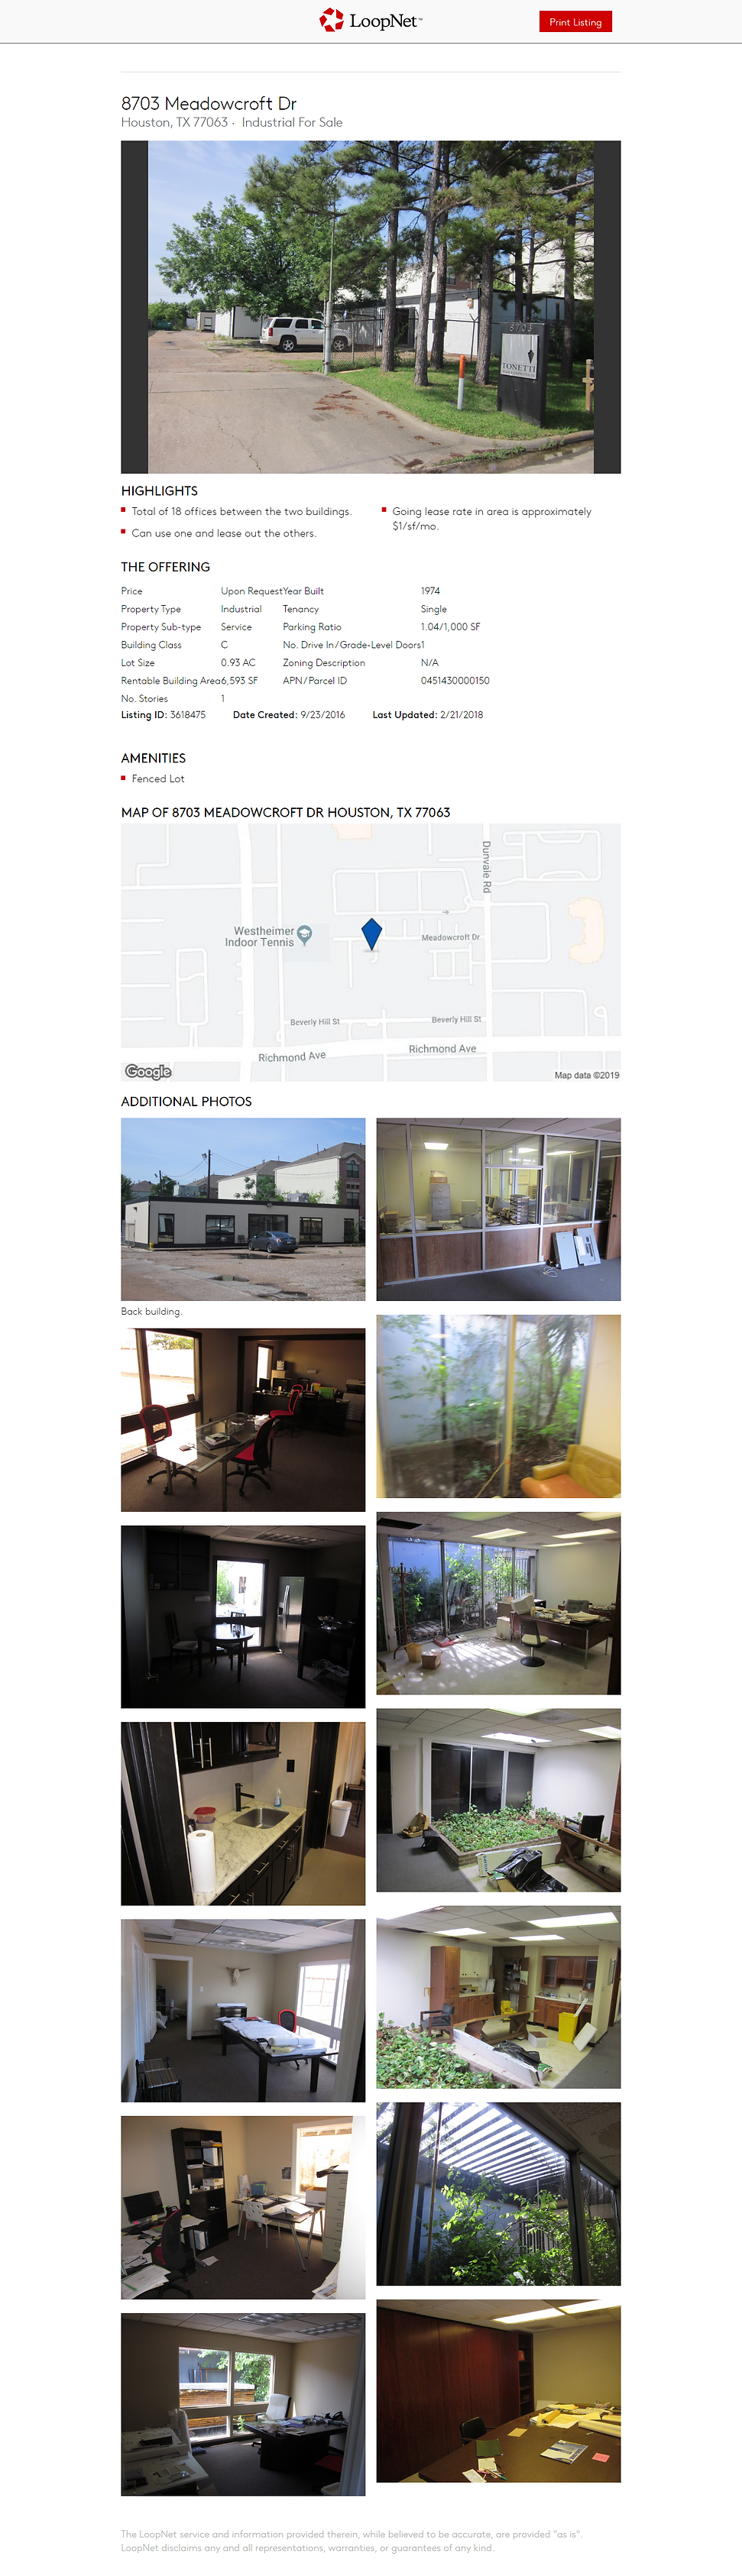 8703 Meadowcroft Dr Houston, TX 77063.pn